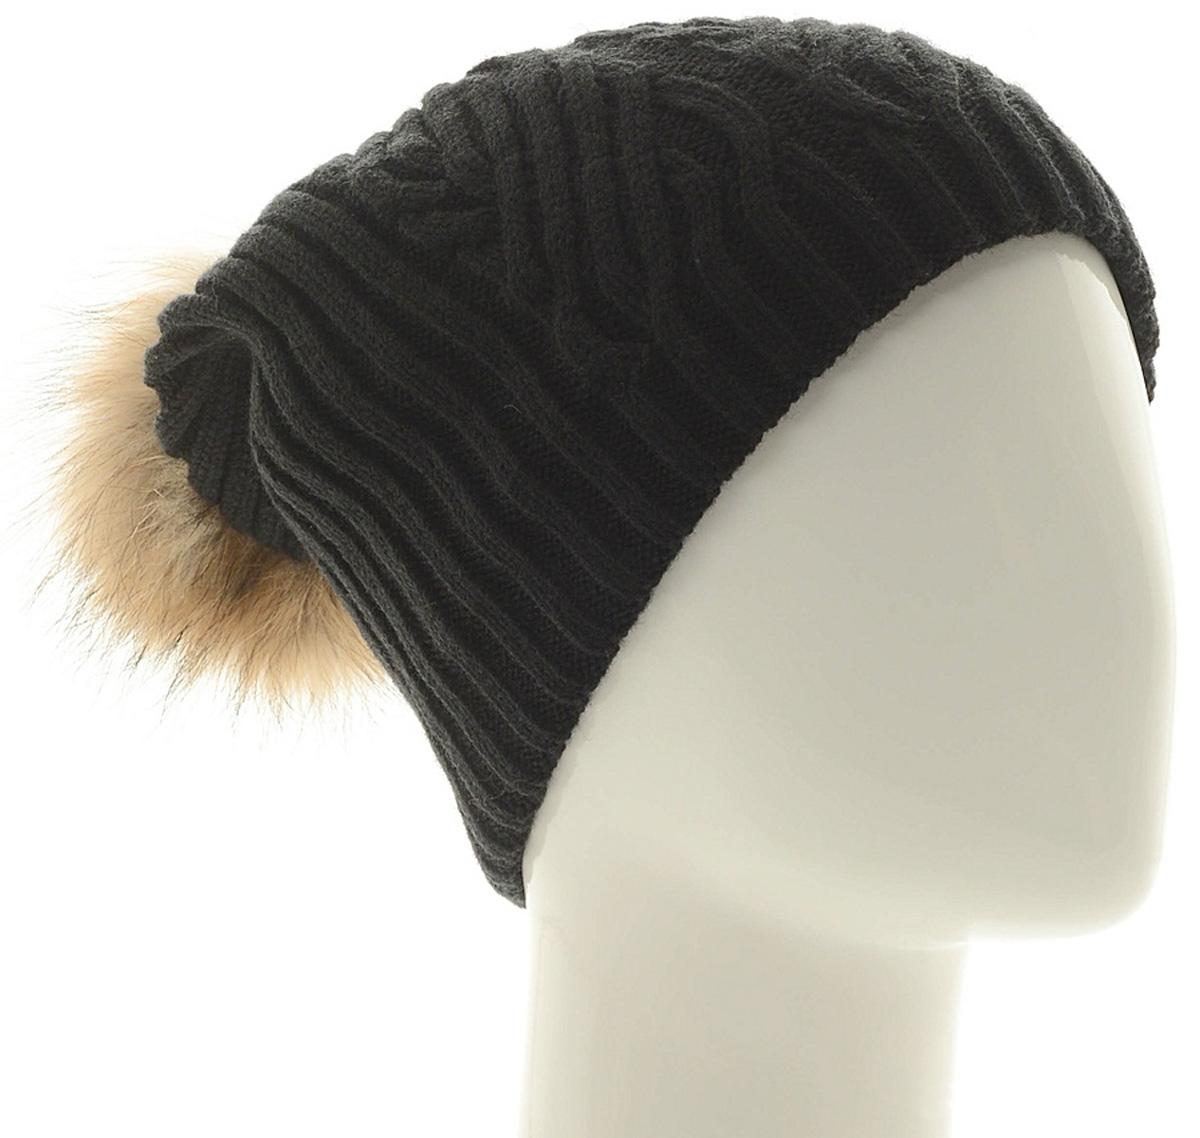 Шапка женская Marhatter, цвет: черный. MLH6882/3. Размер 56/58MLH6882/3Стильная шапка с помпоном добавит уникальность вашему образу. Данная модель мягкая и комфортная на ощупь. Модель на полном флисе.